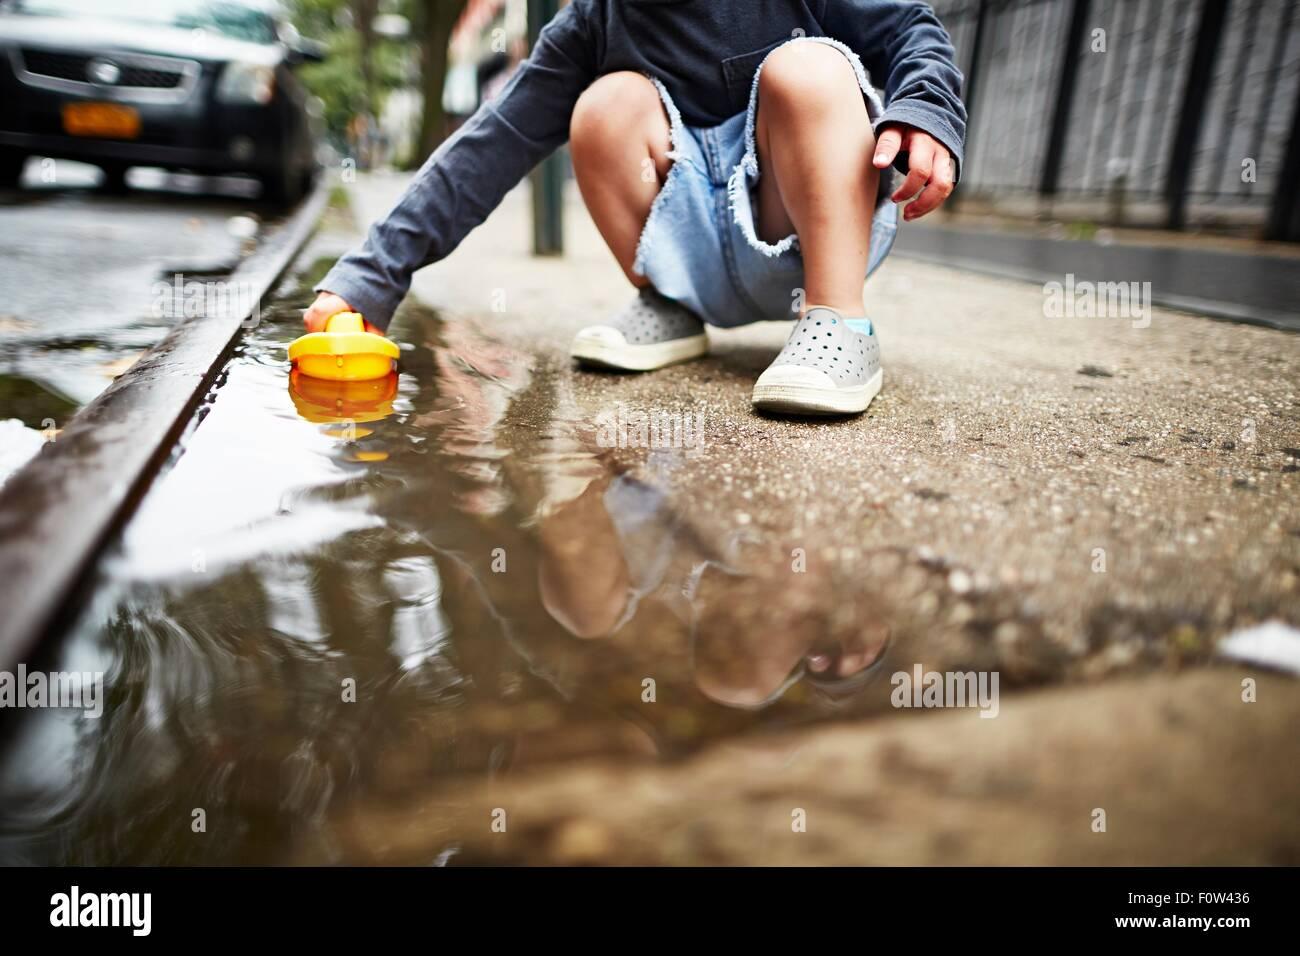 Ragazzo giocando con il giocattolo sulla barca di acqua sul pavimento Immagini Stock